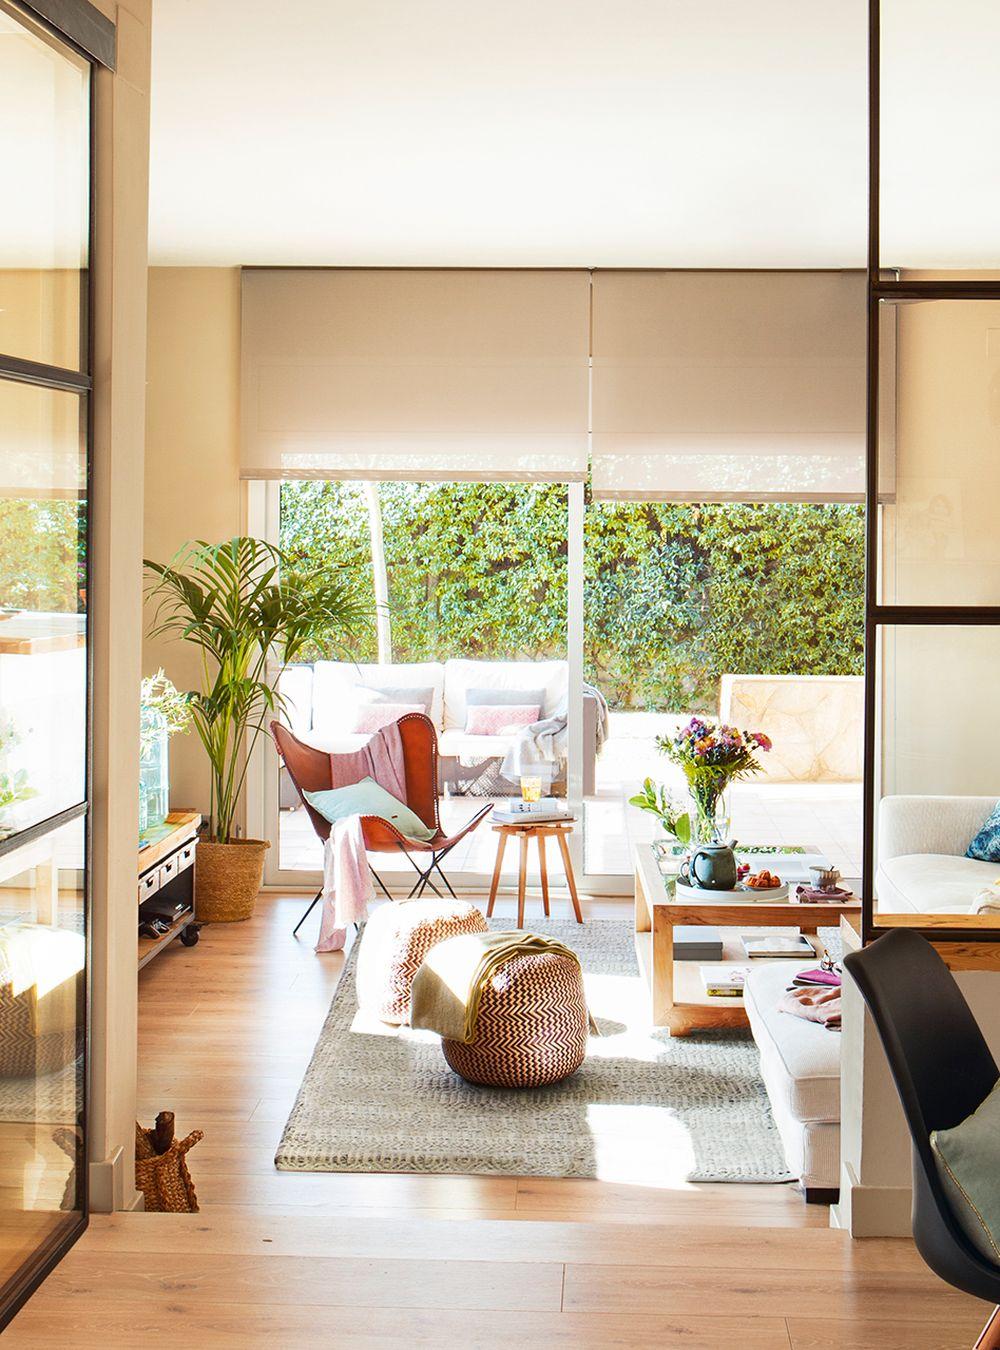 adelaparvu-com-despre-casa-renovata-ca-sa-fie-mai-luminoasa-spania-designer-martha-prats-foto-ferran-freixa-elmueble-11